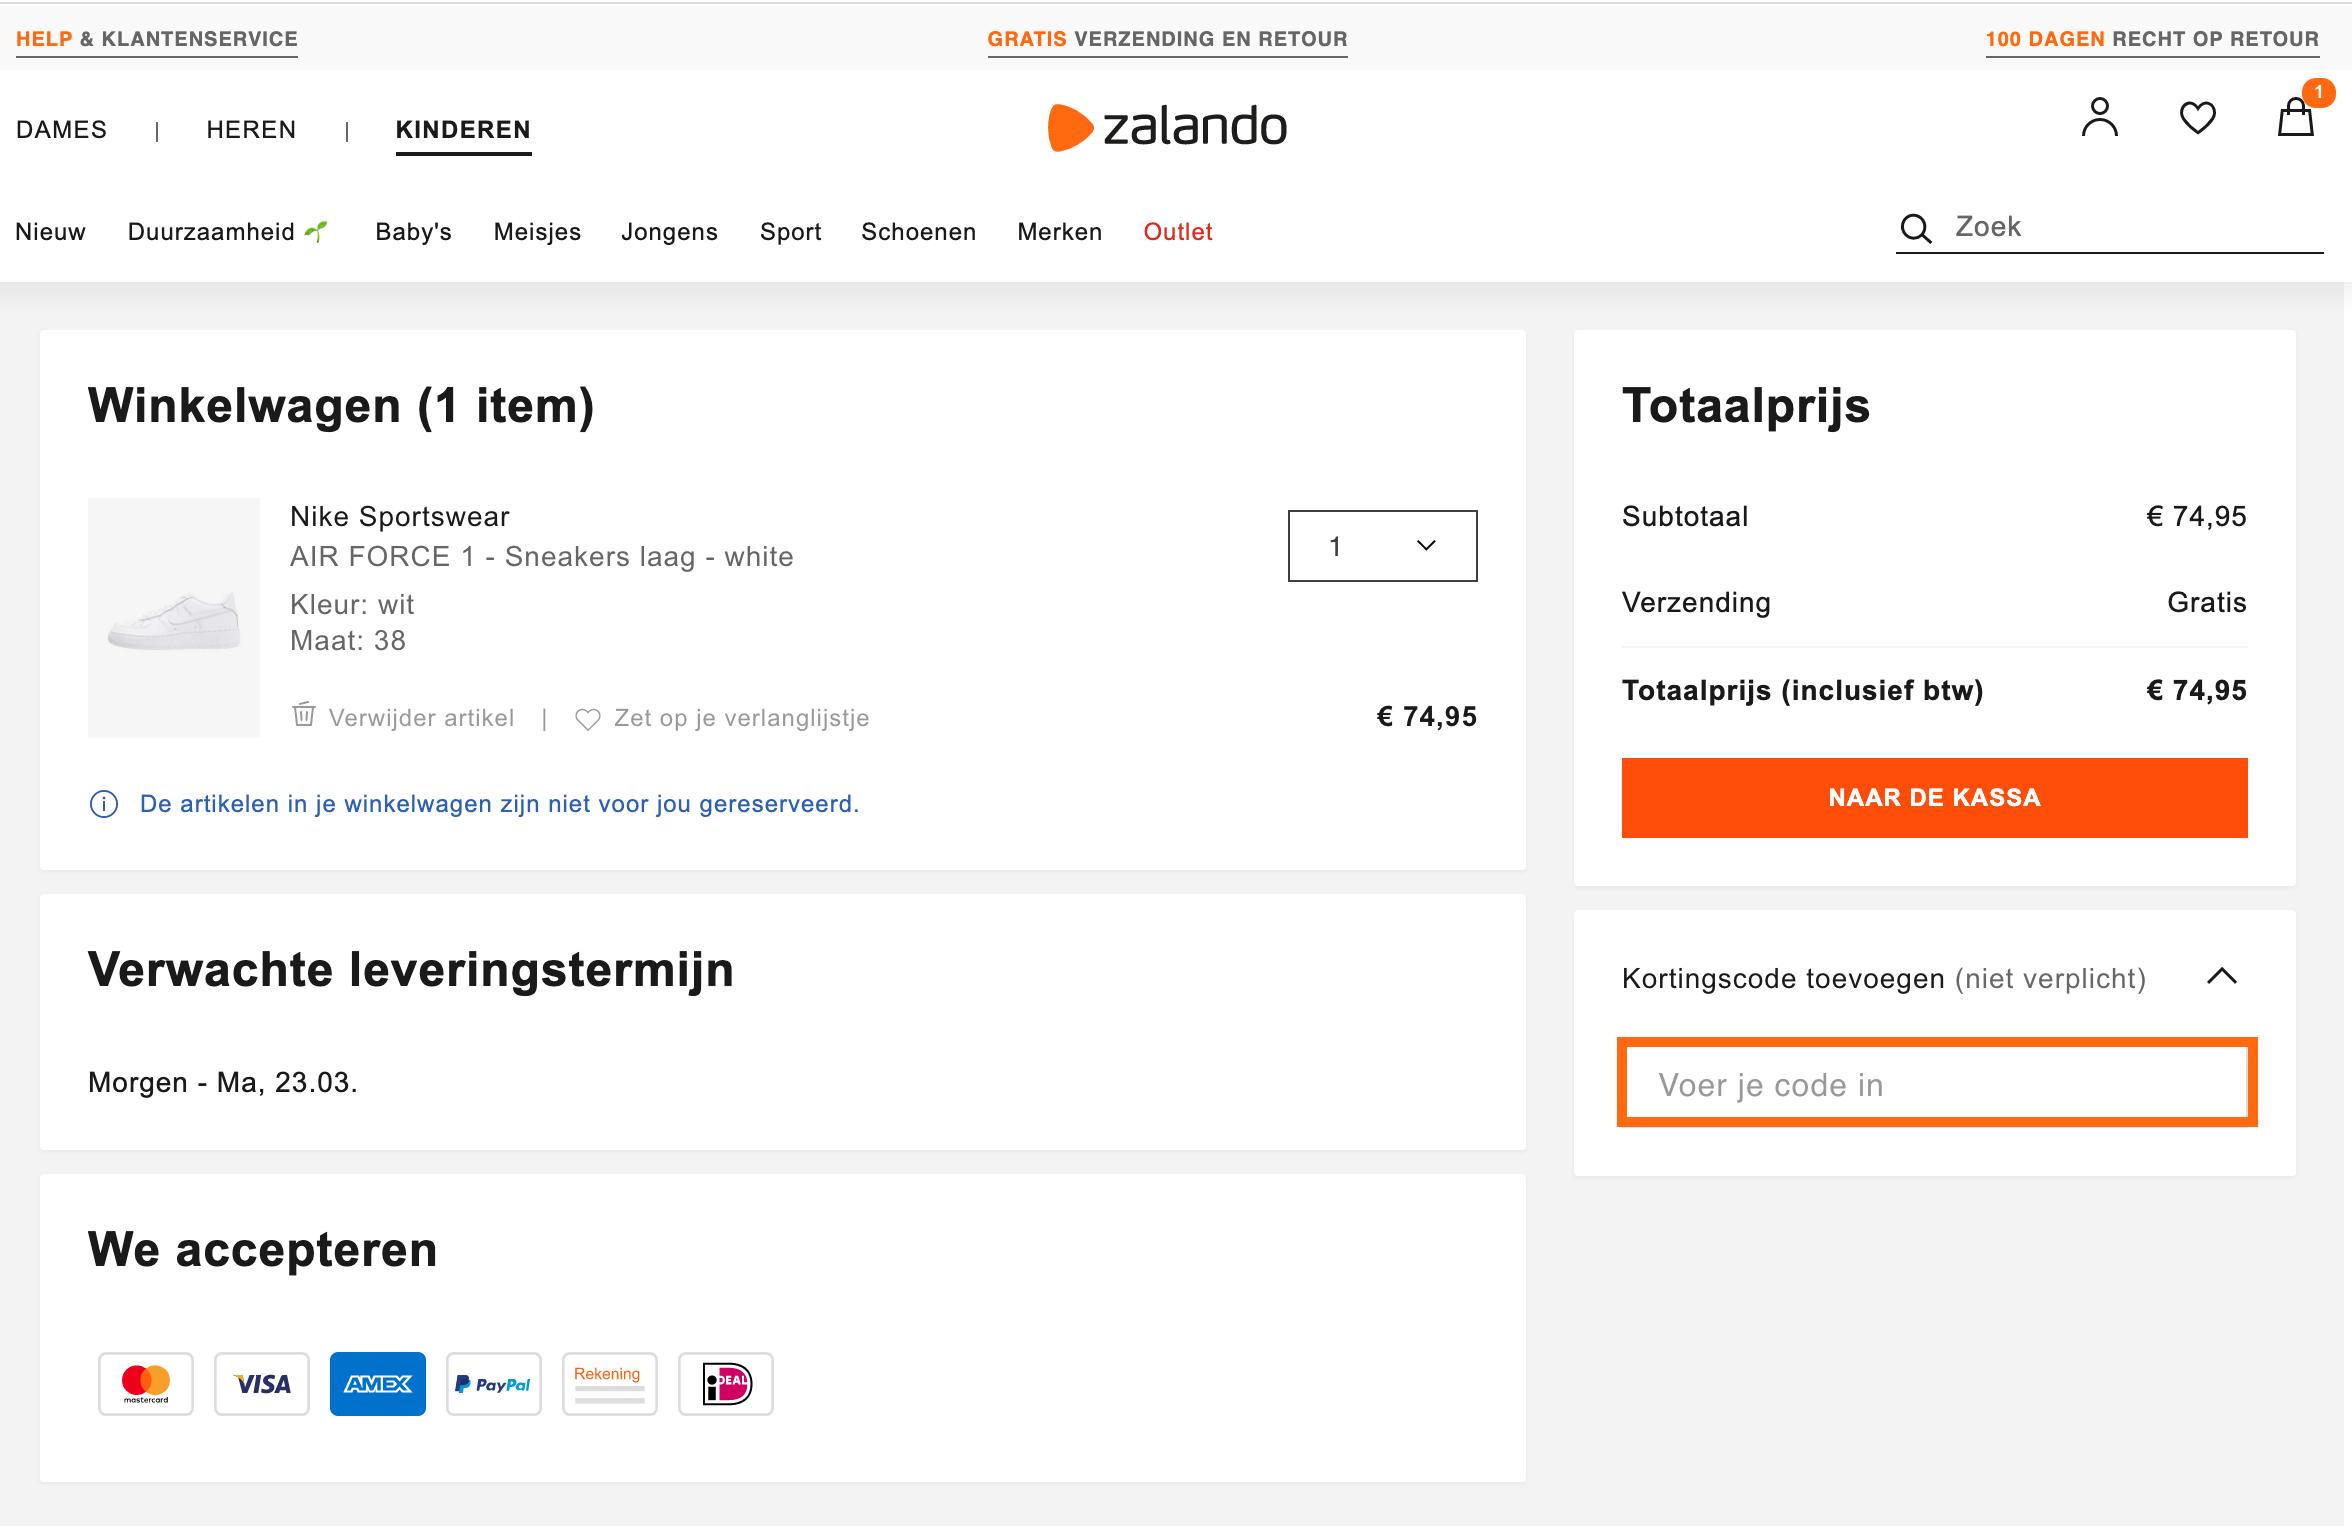 zalando voucher-voucher_redemption-how-to